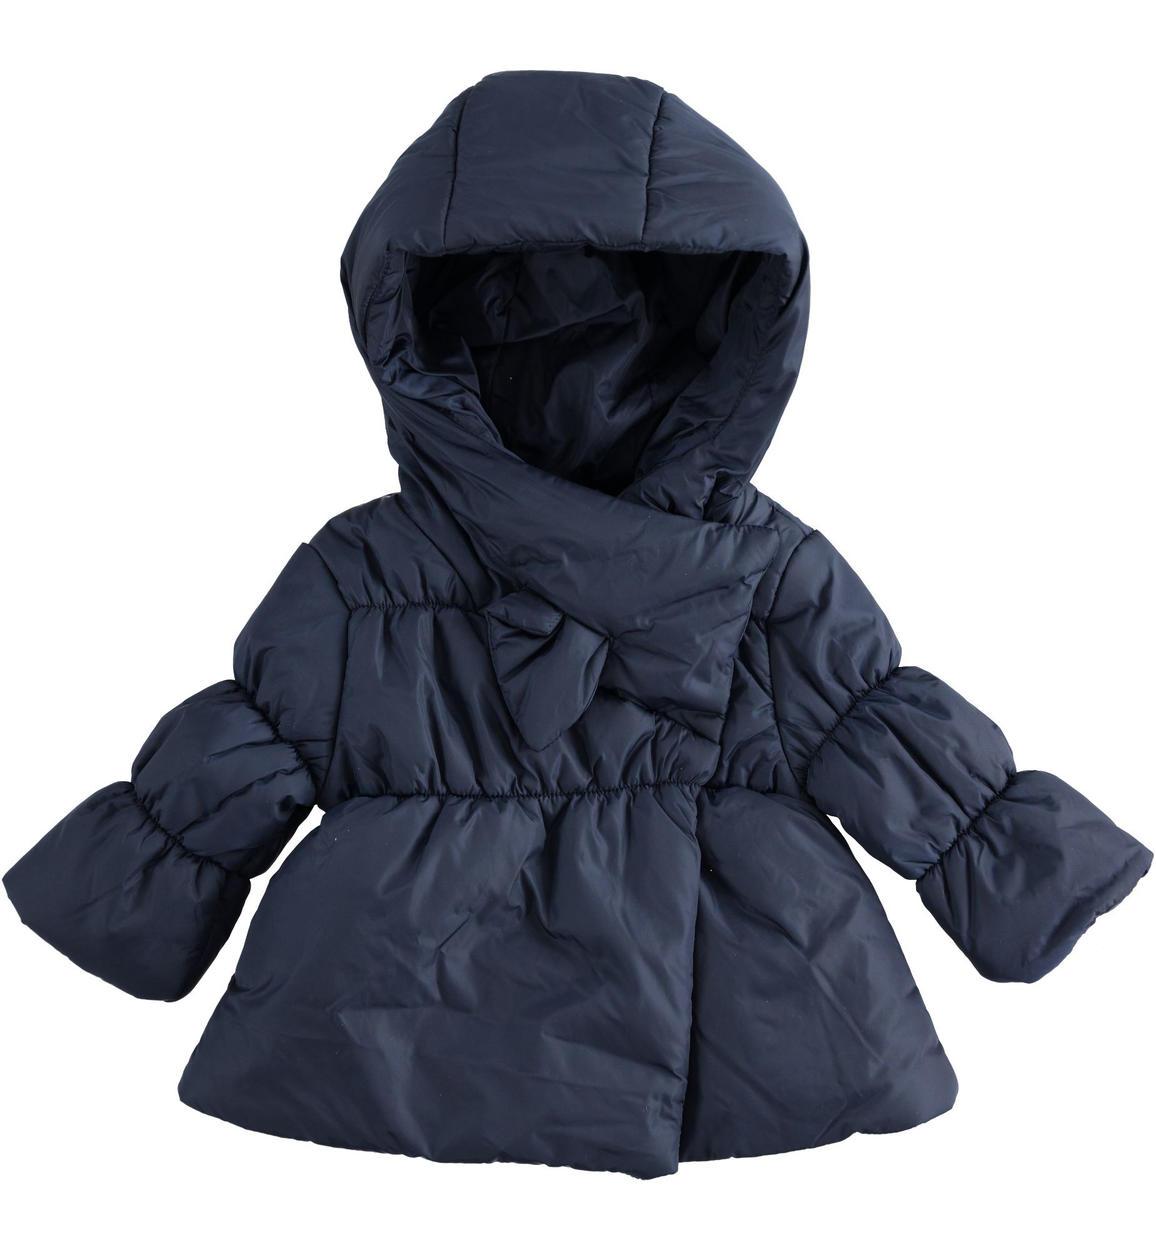 bella vista comprando ora nuove varietà Elegante giubbotto in nylon imbottito in ovatta per neonata da 0 a 24 mesi  Minibanda